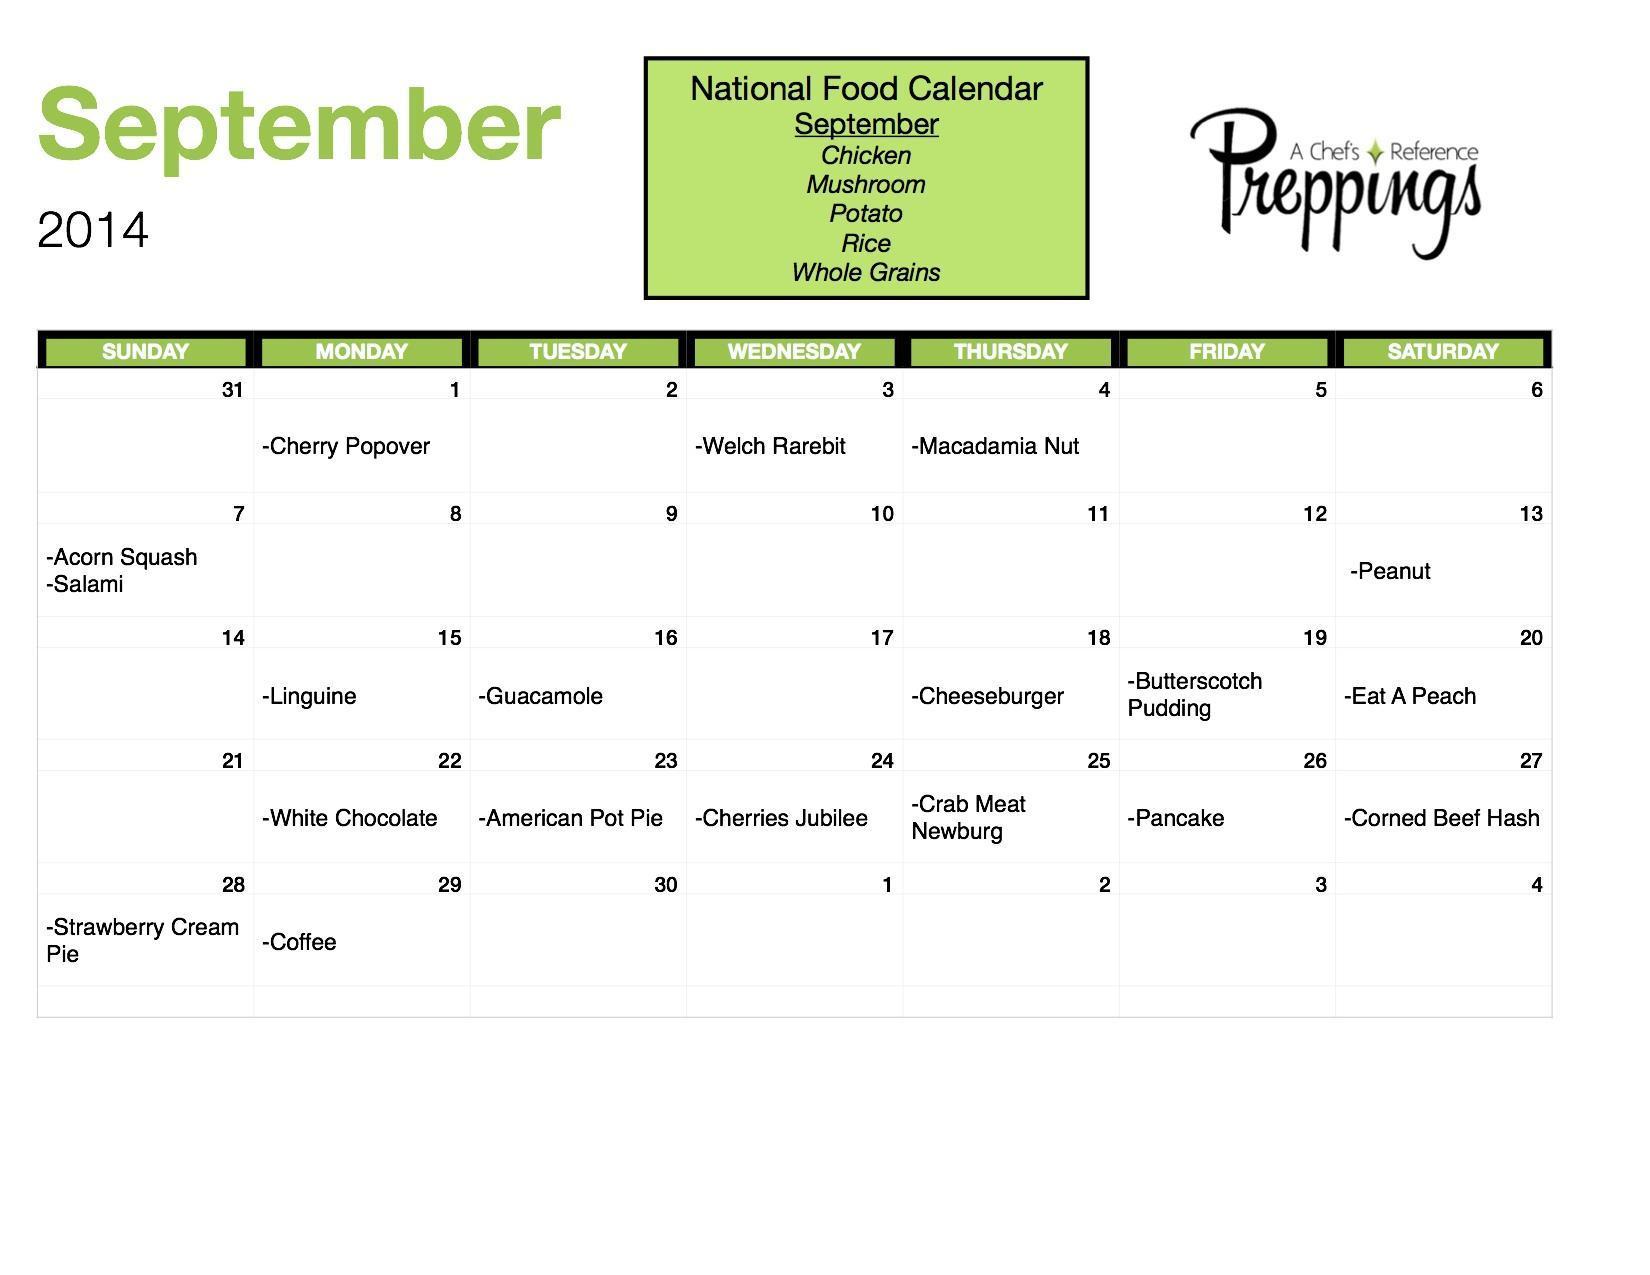 National Food Days- September 2014